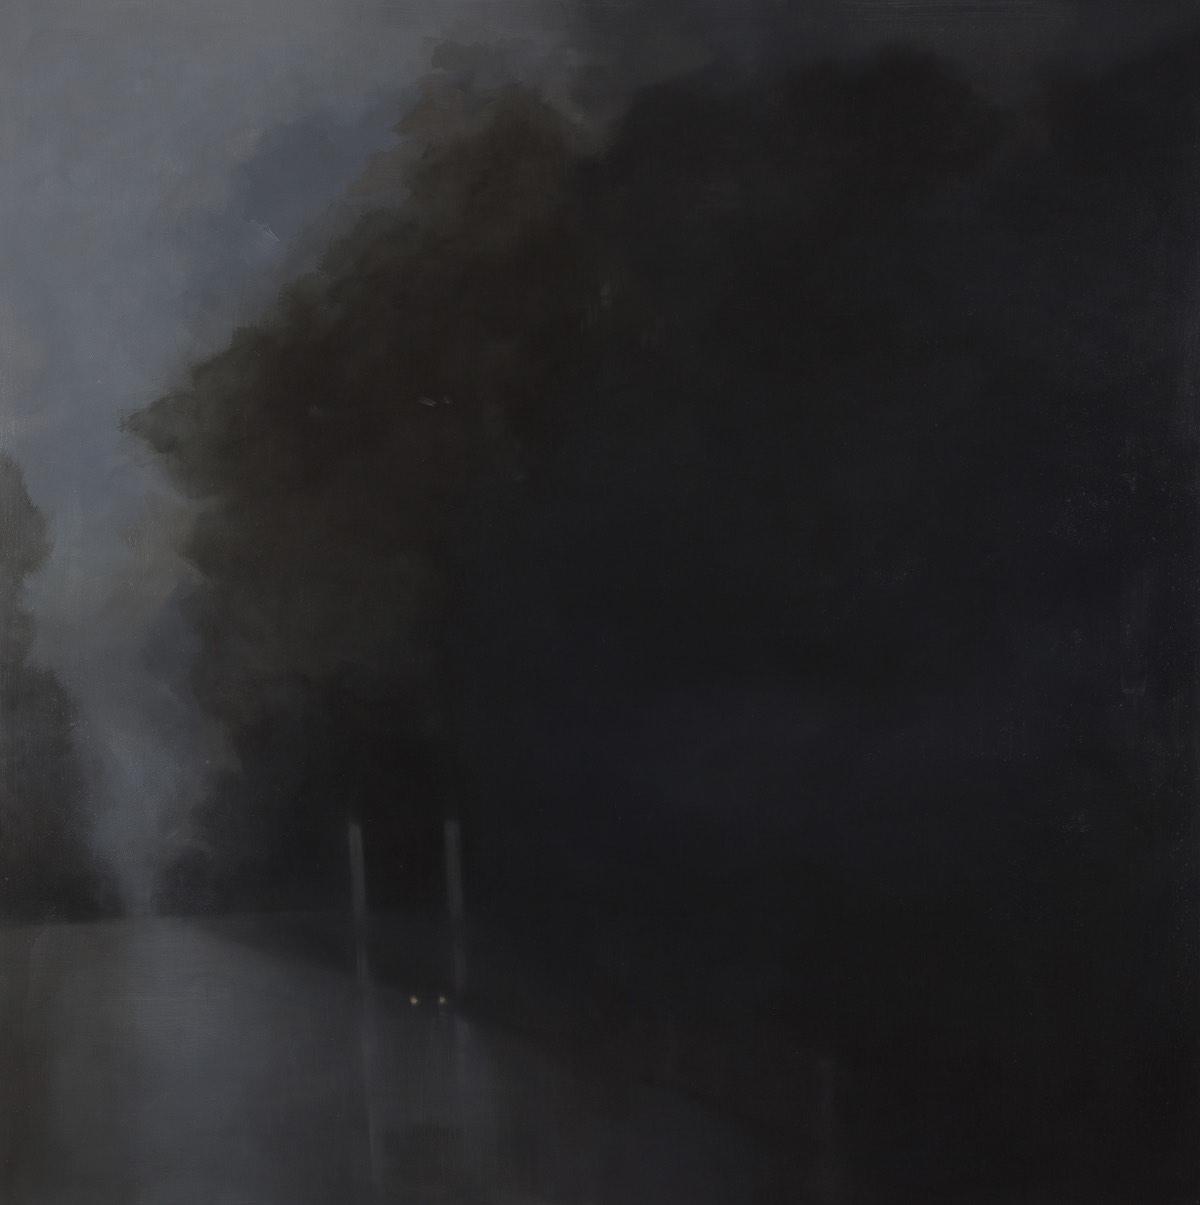 Unease 2013 oil/wax on linen 152 x 152 cm